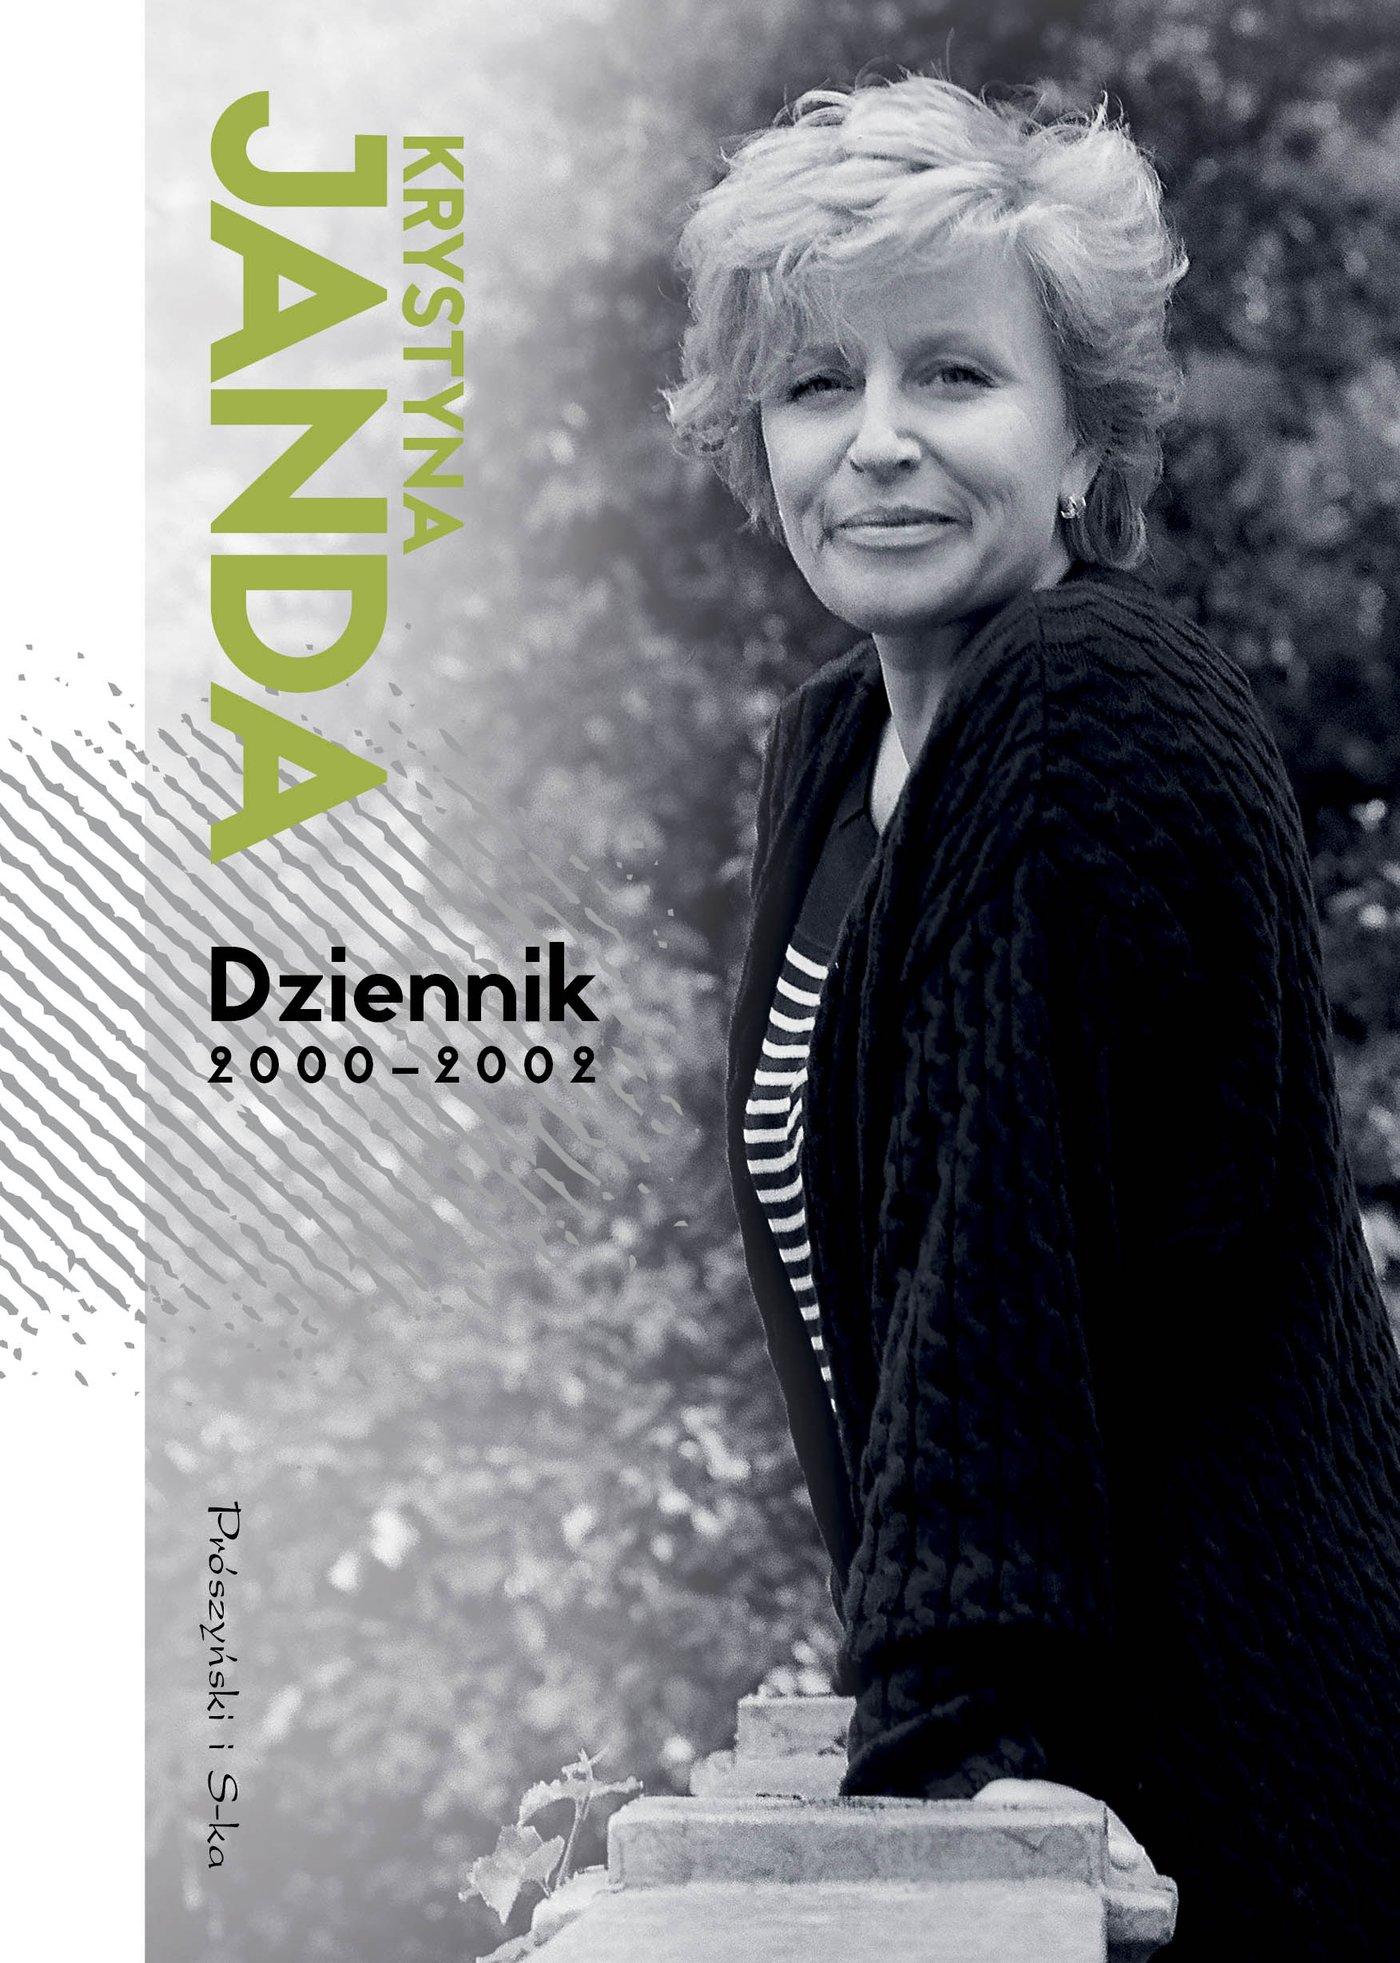 Dziennik 2000-2002 - Ebook (Książka na Kindle) do pobrania w formacie MOBI